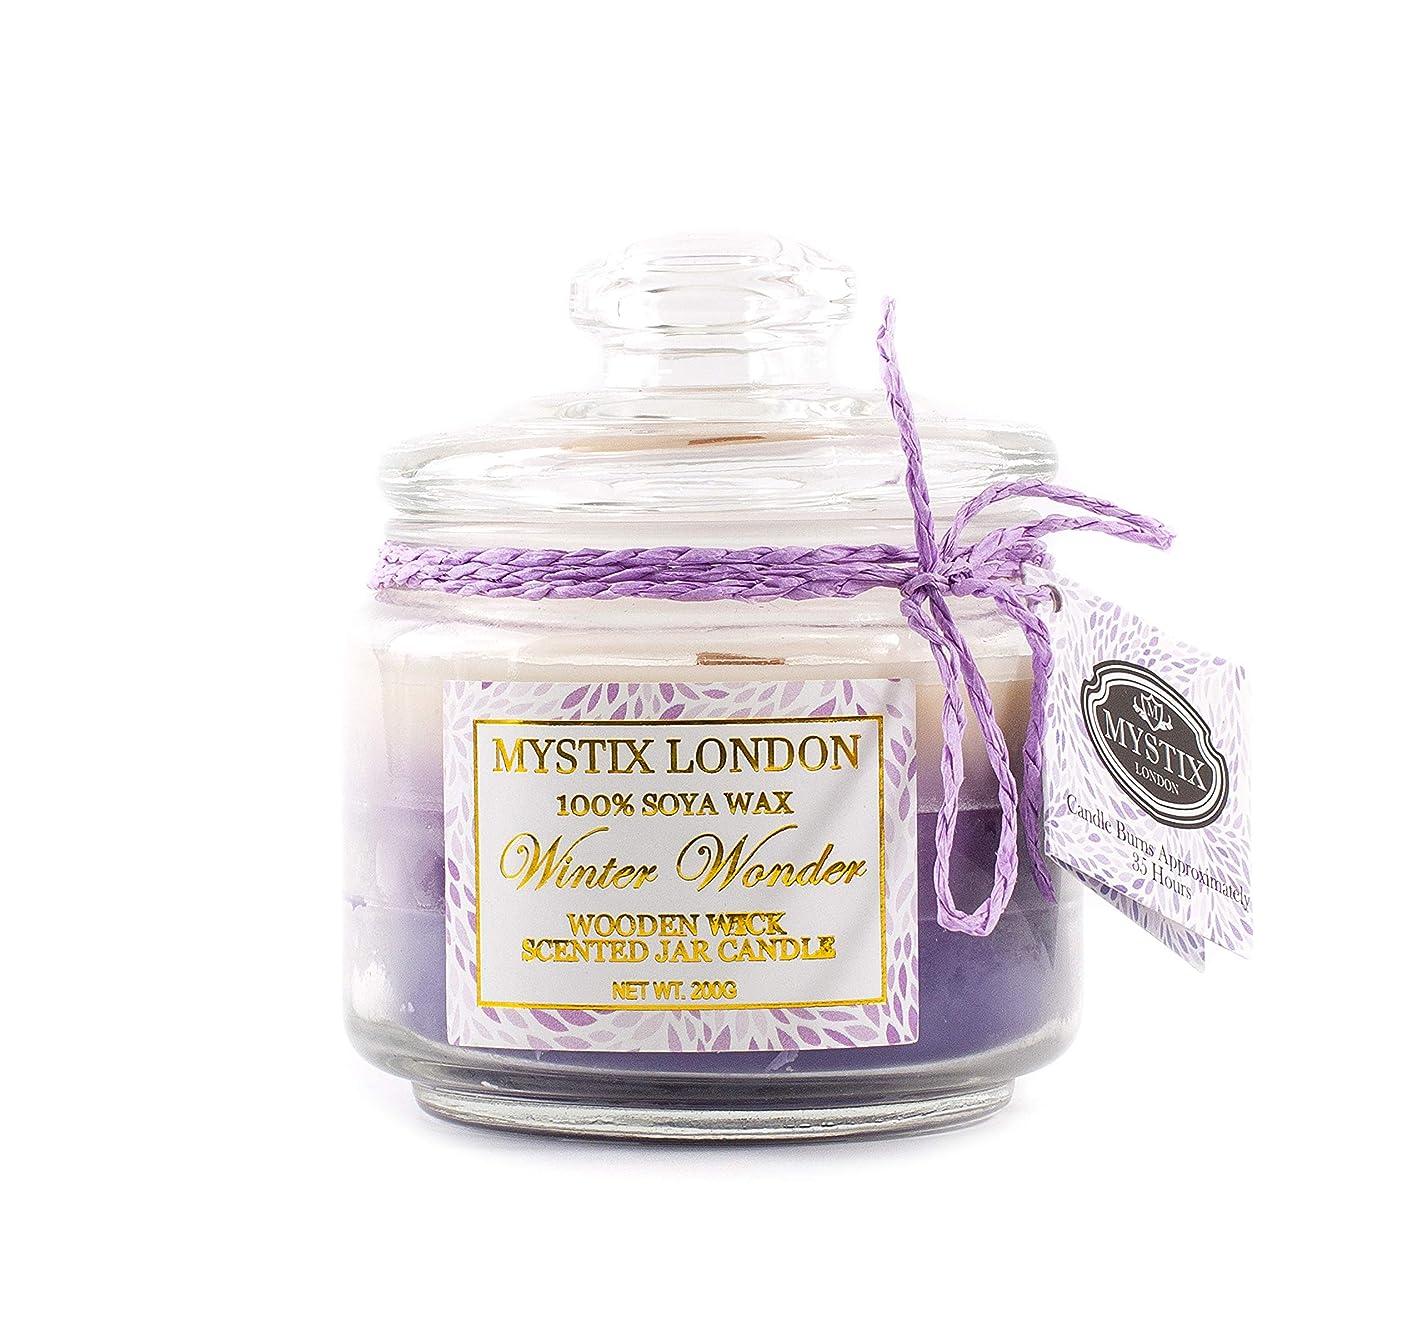 備品頭痛きらめきMystix London | Winter Wonder Wooden Wick Scented Jar Candle 200g